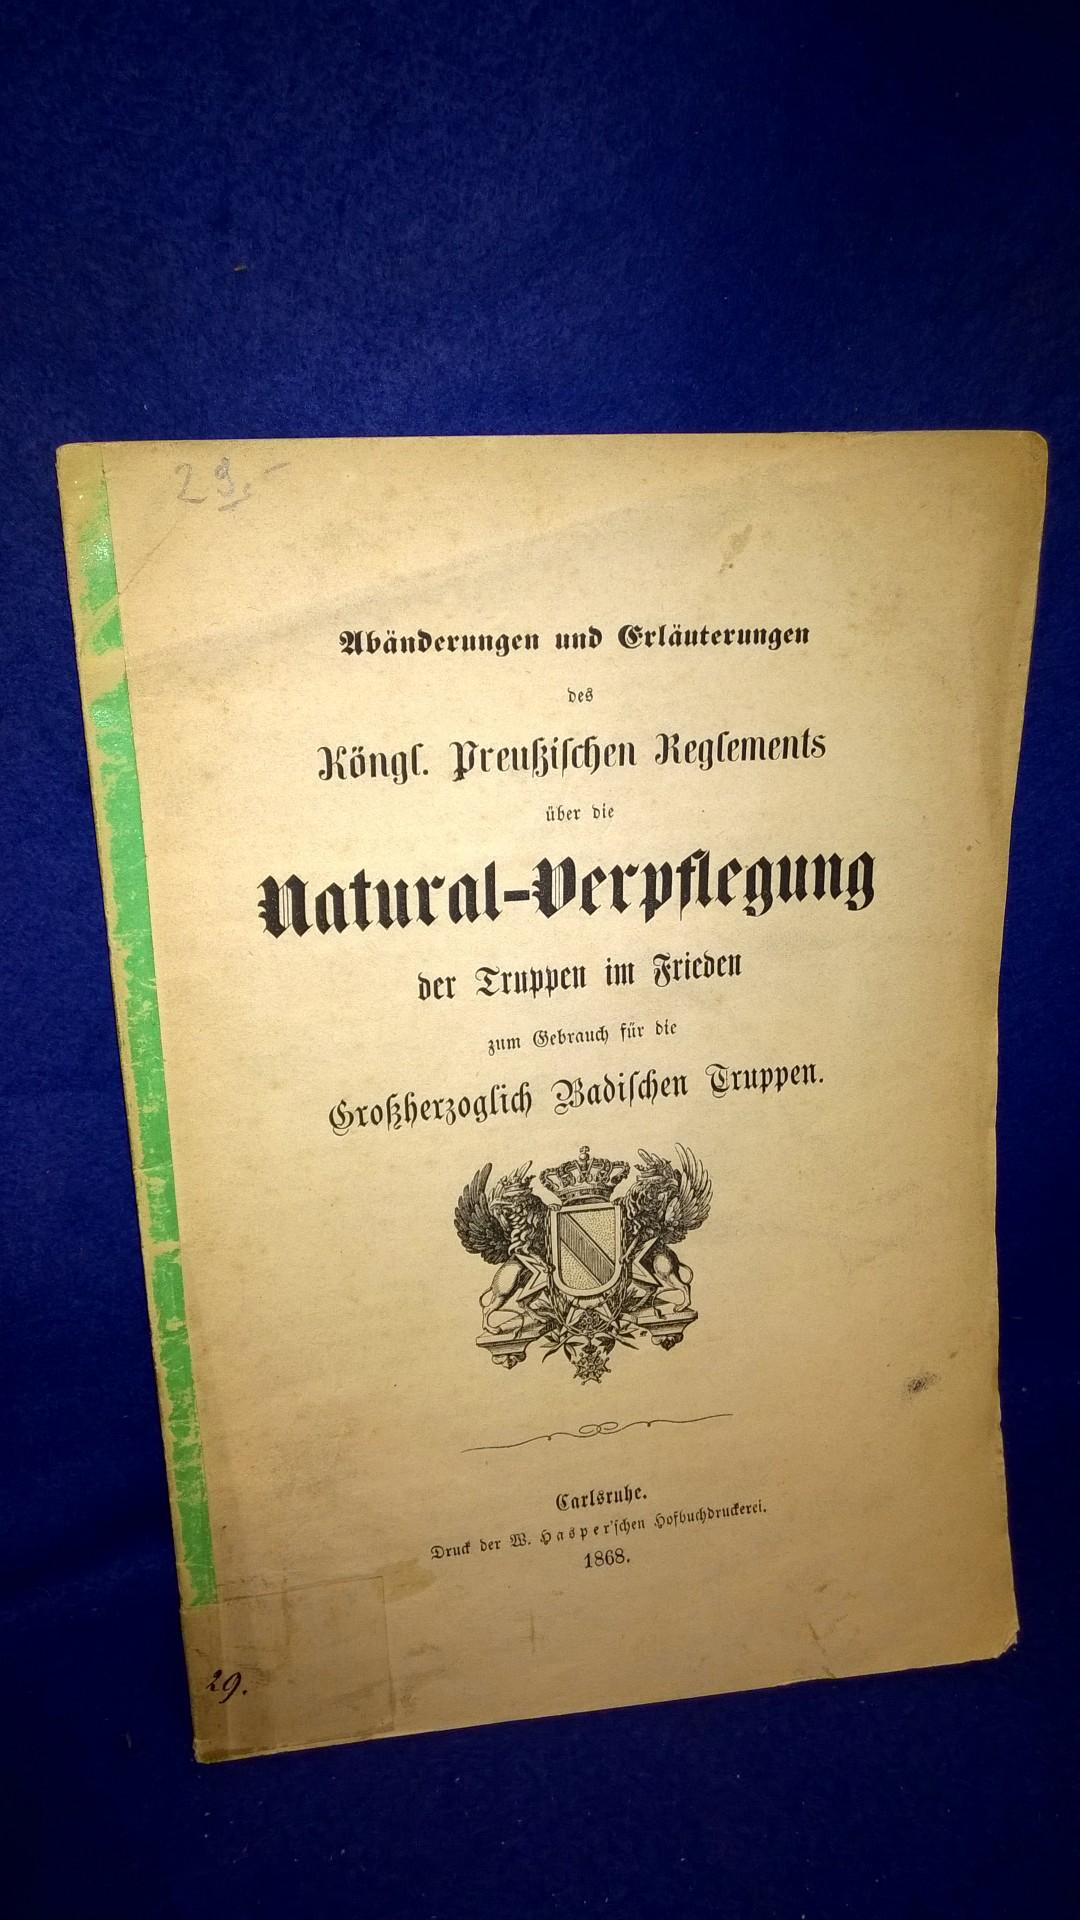 Abänderungen und Erläuterungen des Königlich Preußischen Reglements über die Natural-Verpflegung der Truppen im Frieden zum Gebrauch für die Großherzoglich Badischen Truppen. Selten!